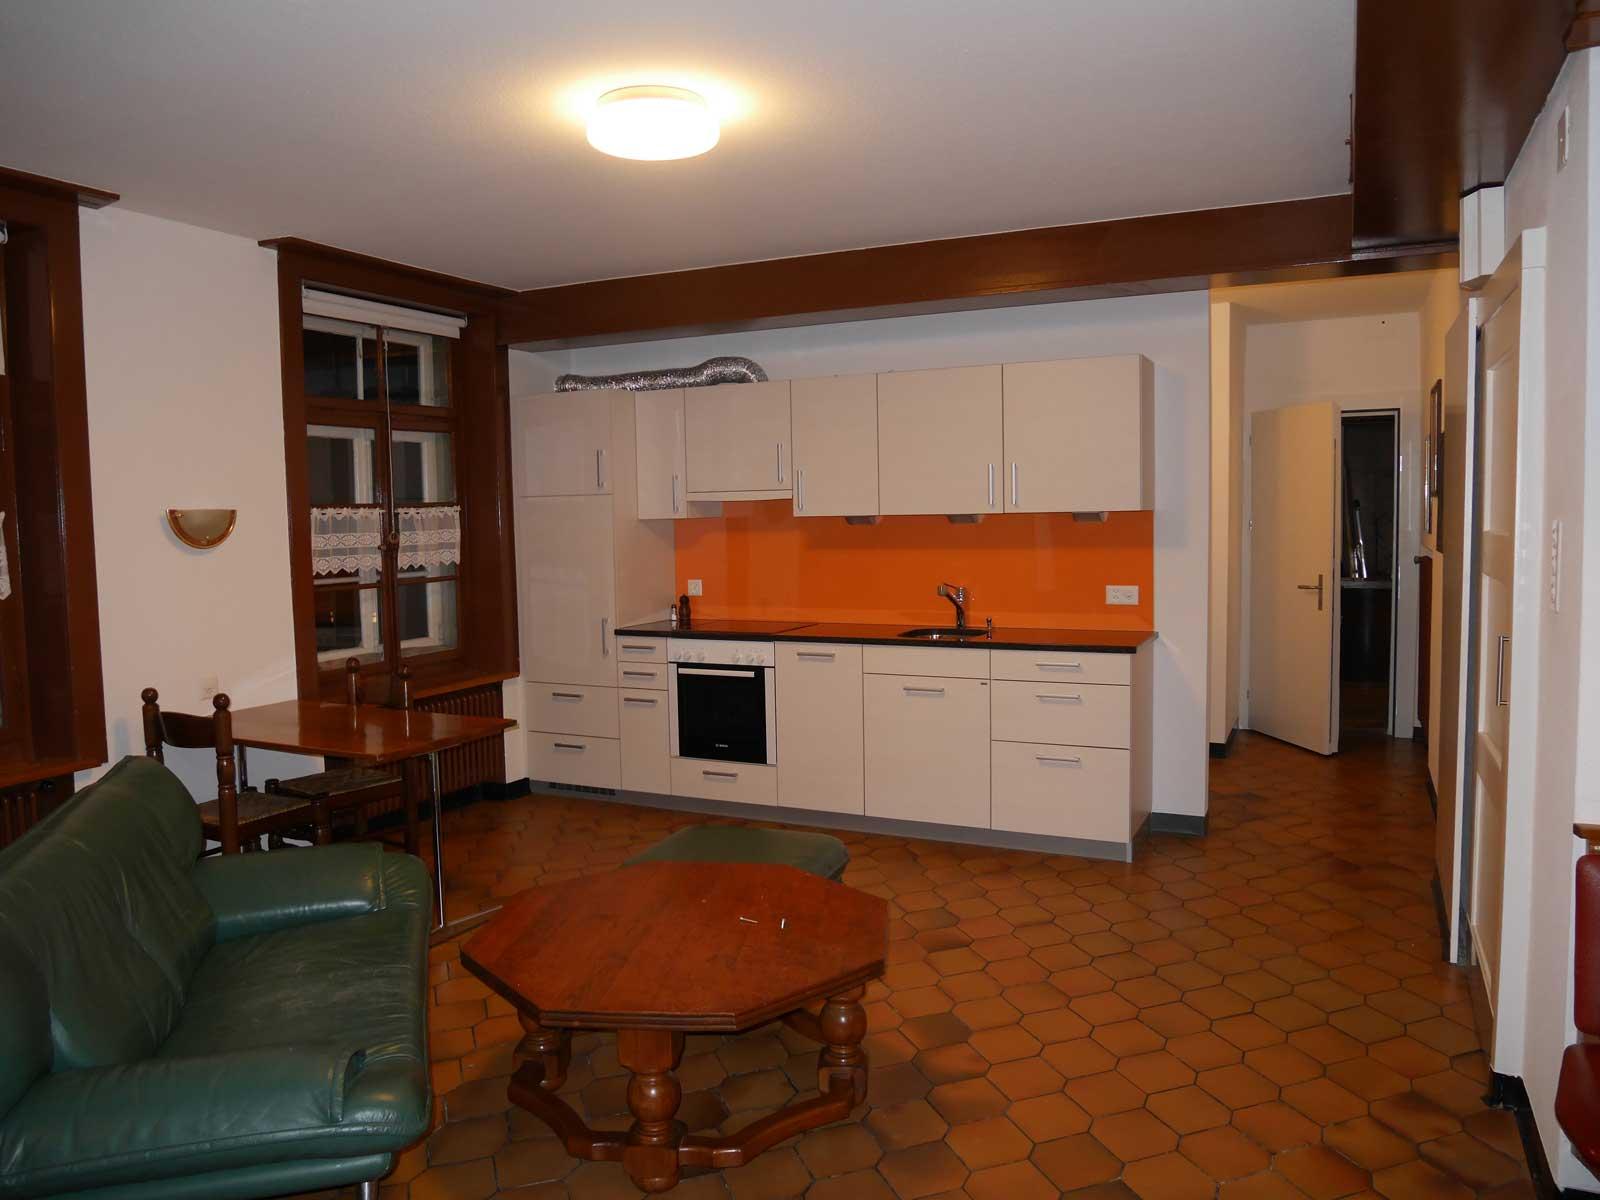 Küche Loft Wohnung. Dolls Küche Beleuchtung Led Stühle Eck ...